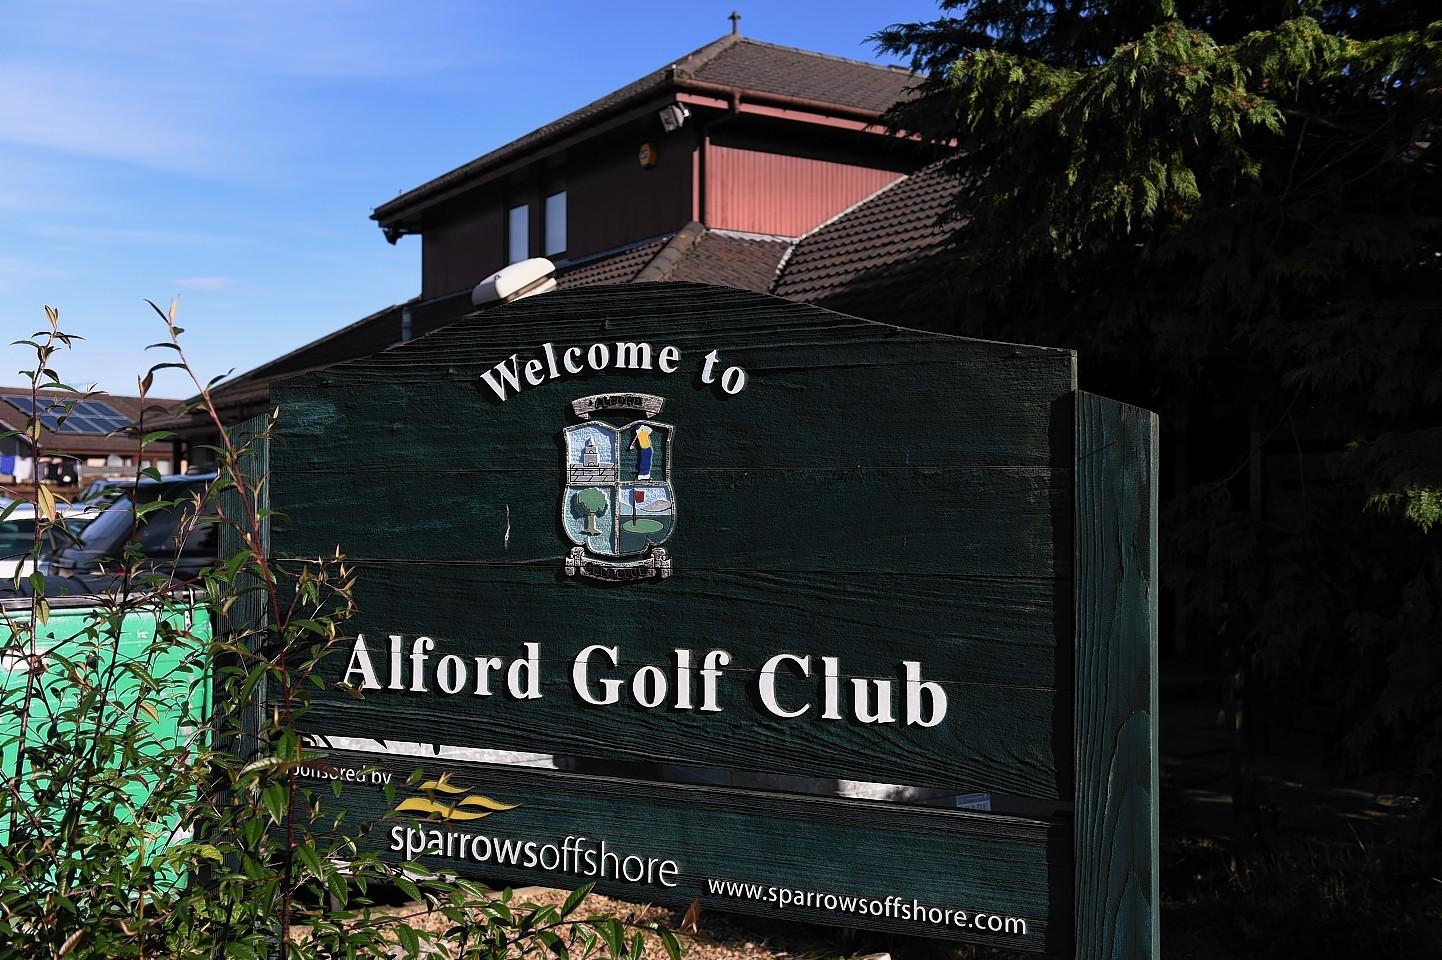 Alford Golf Club